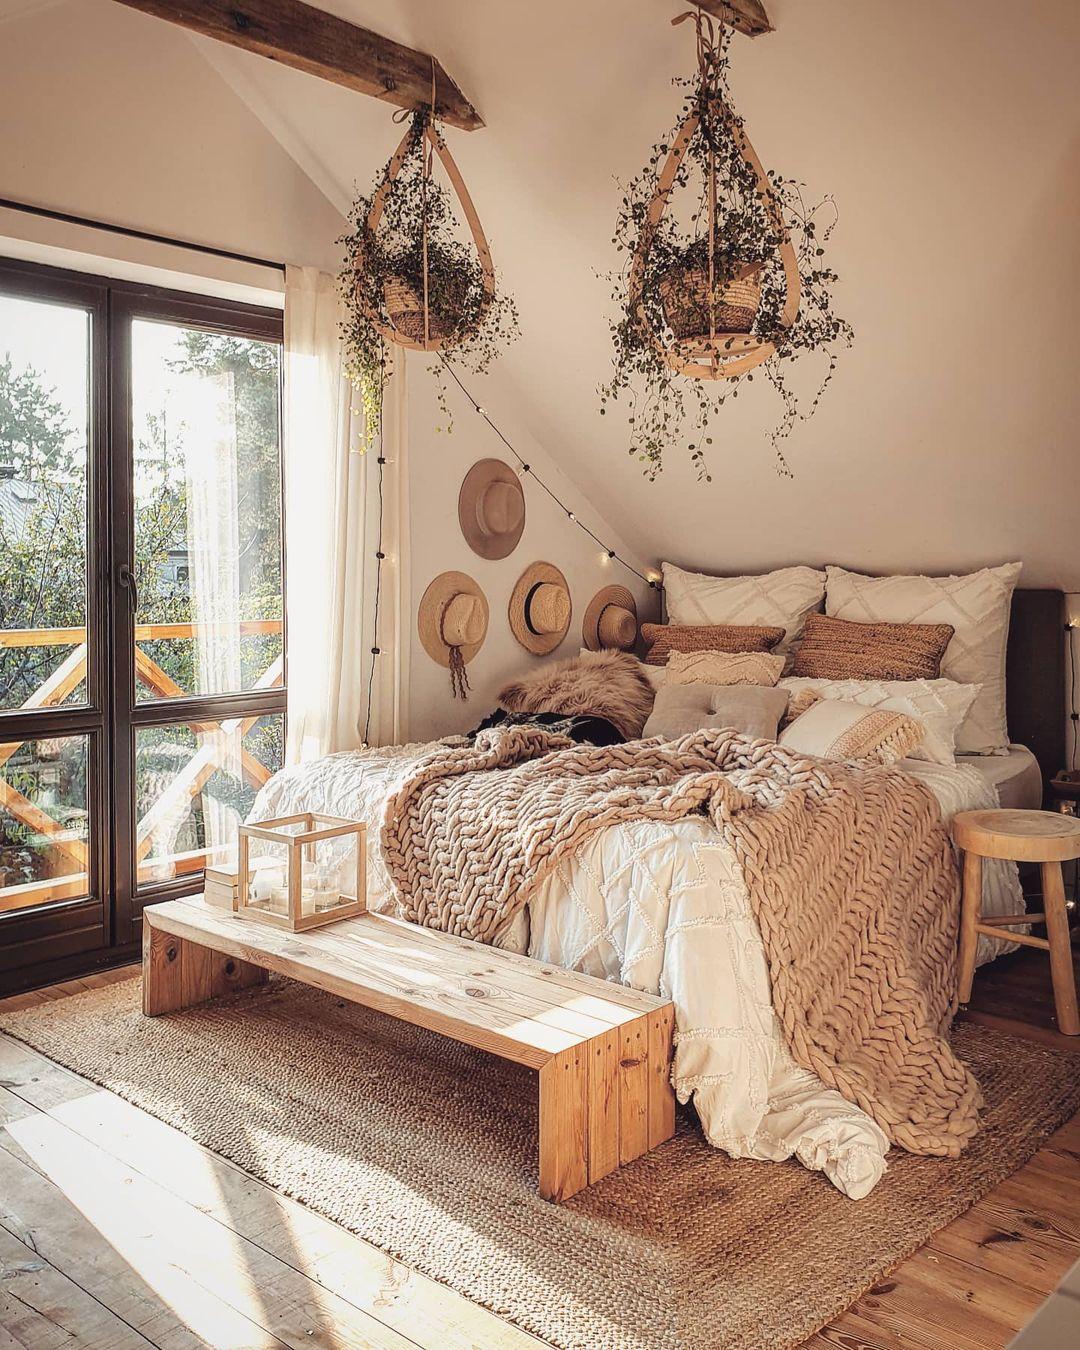 gemütliches Boho Schlafzimmer